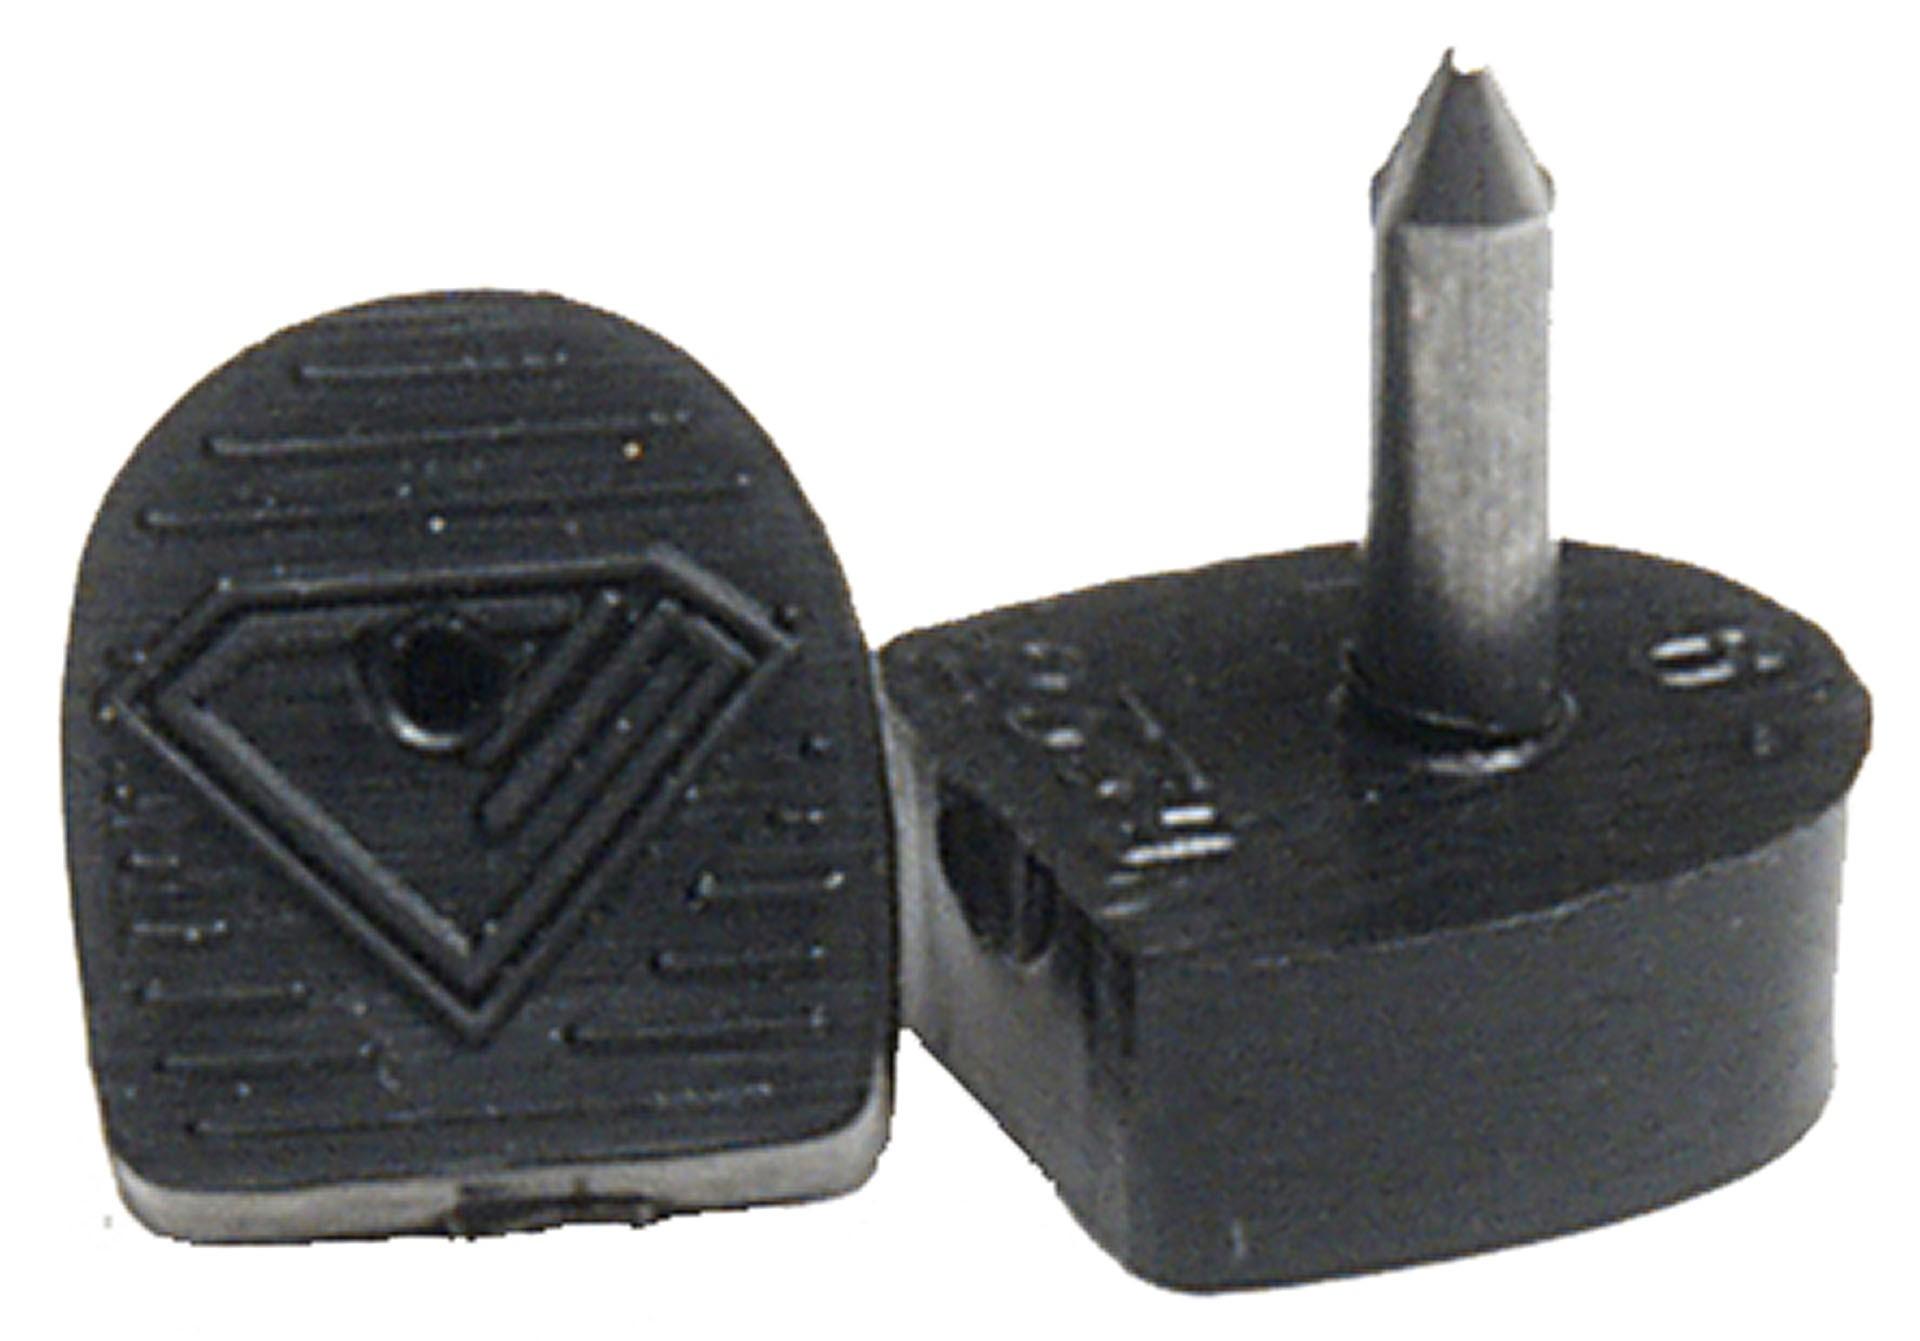 Diamant Tanzschuh Absatzfleck schlank schwarz HW01918, schwarz